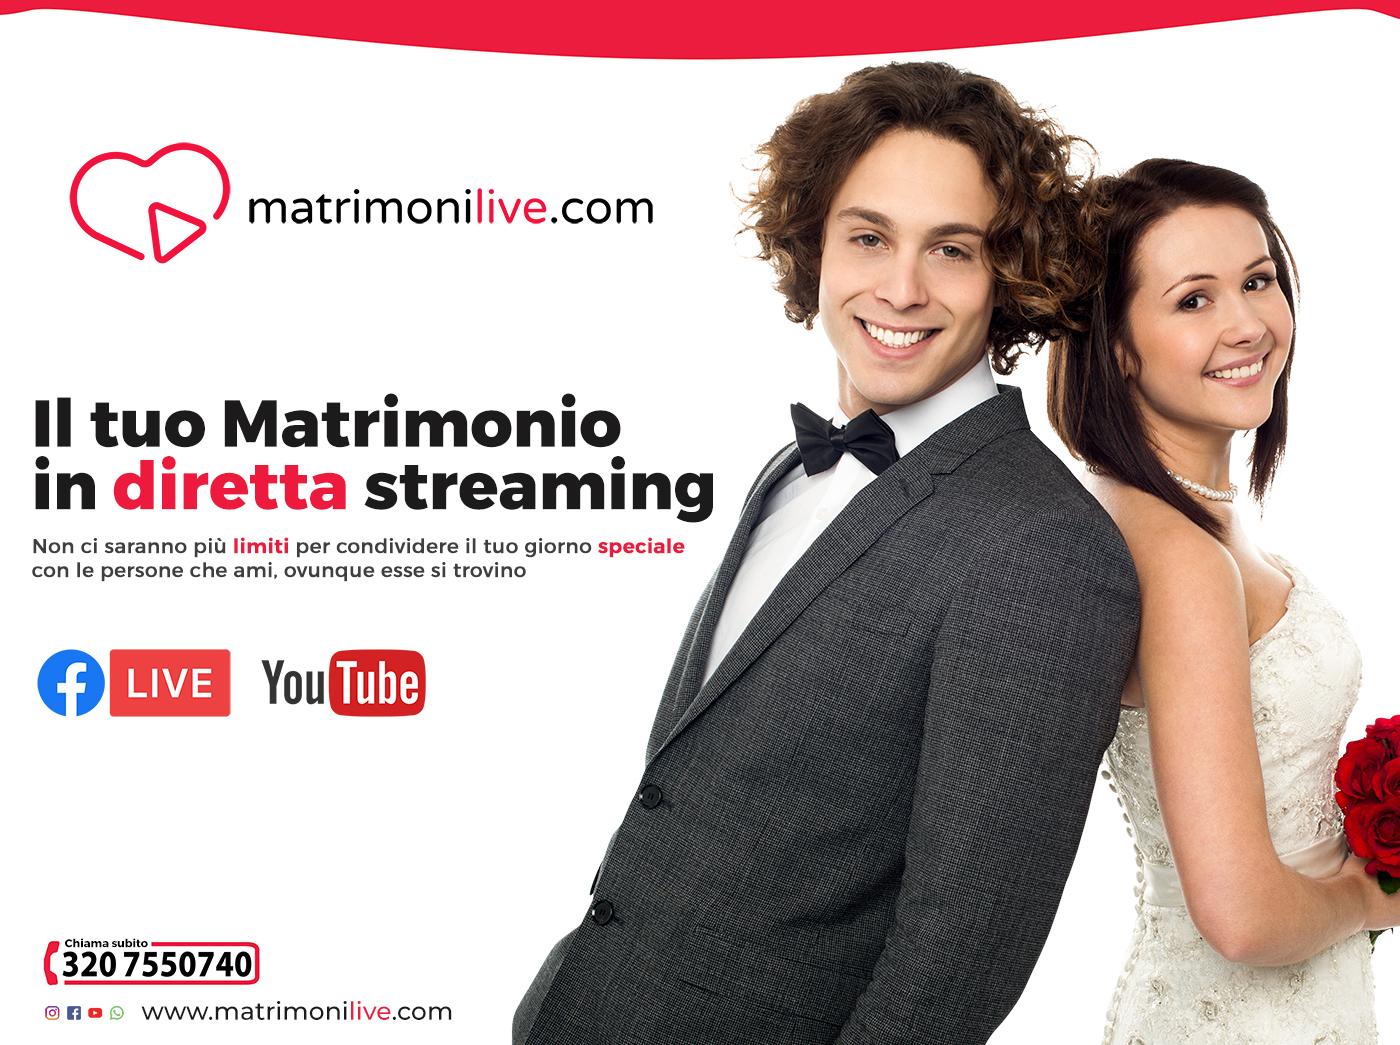 Il Matrimonio in diretta streaming